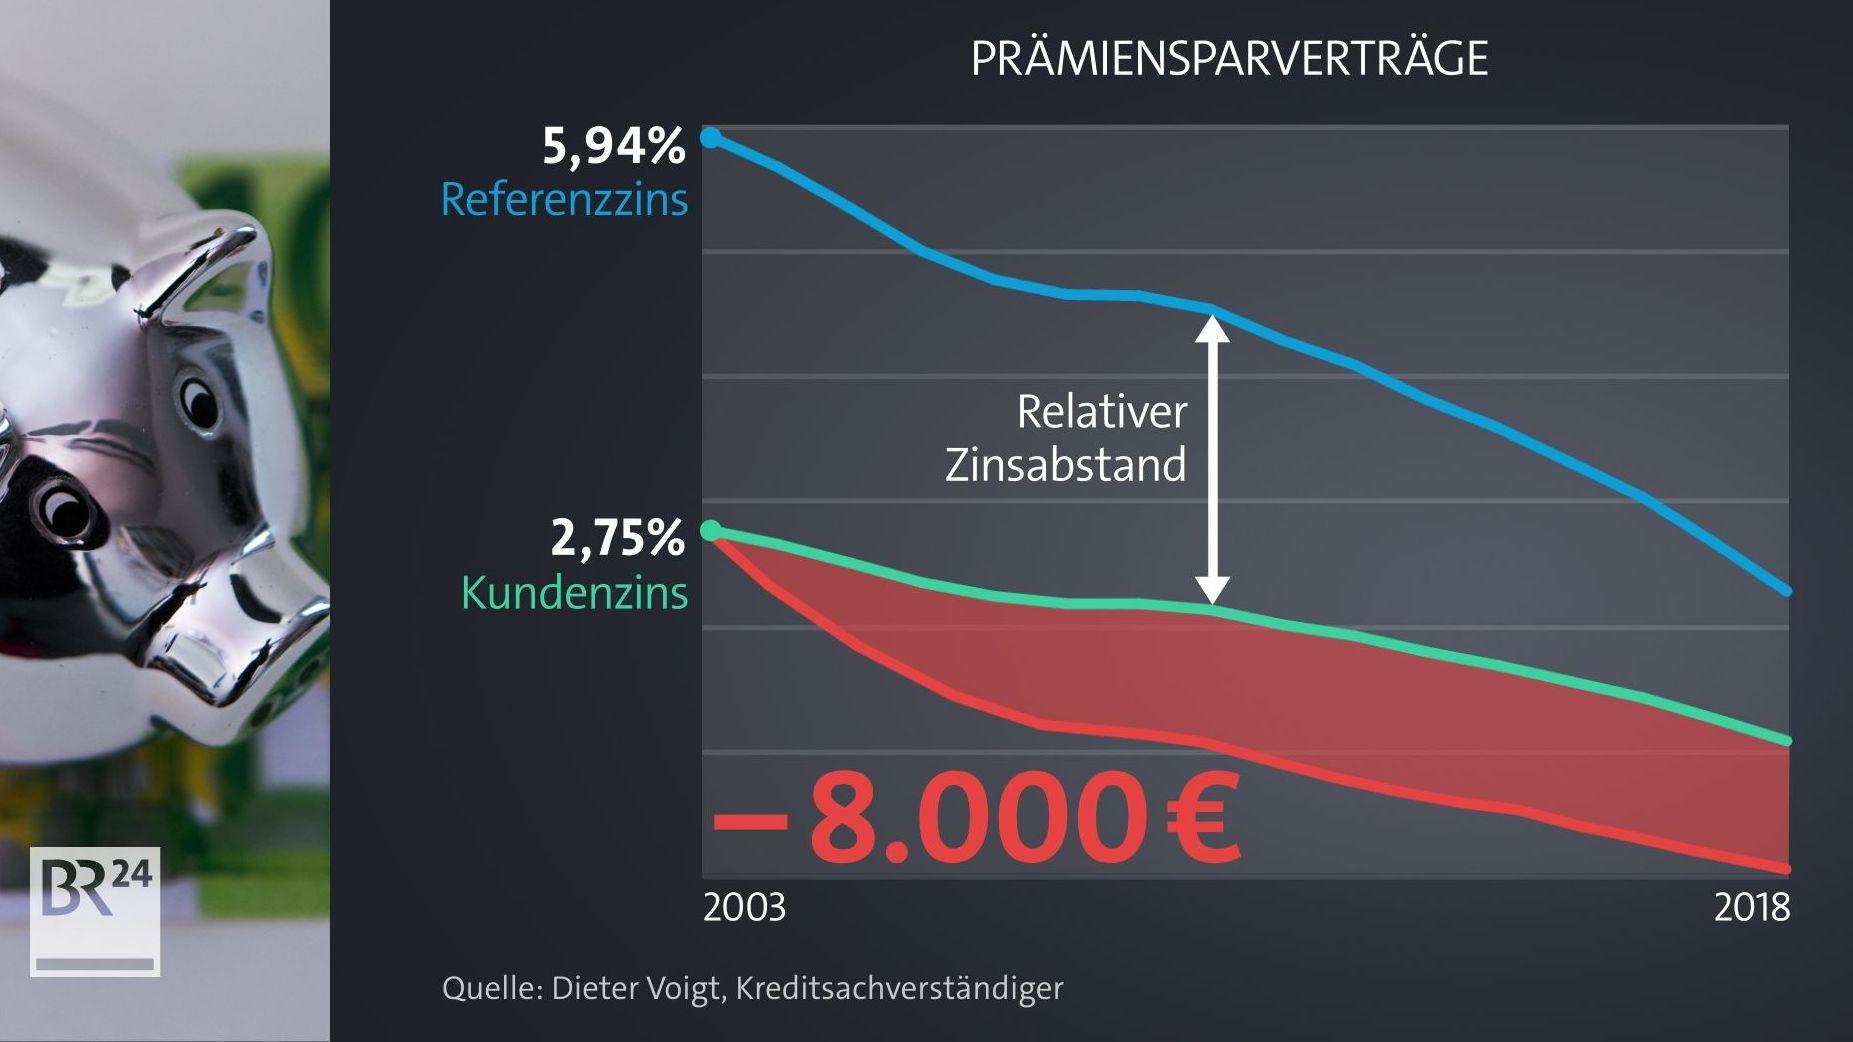 Grafik zeigt den Zinsunterschied bei Prämiensparverträgen